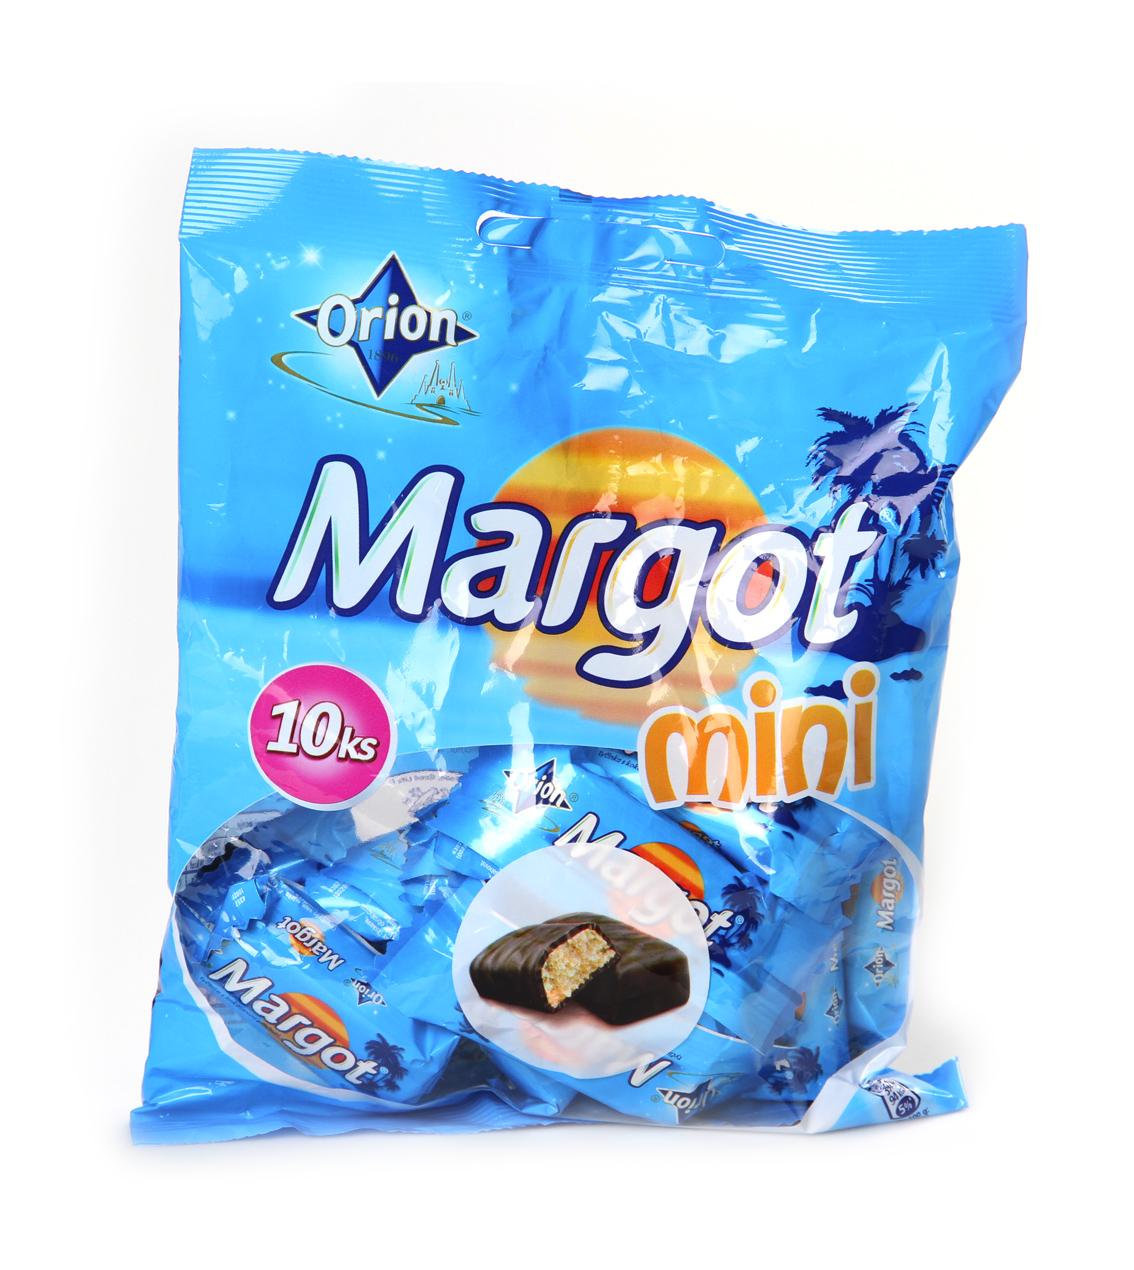 Margot mini Orion